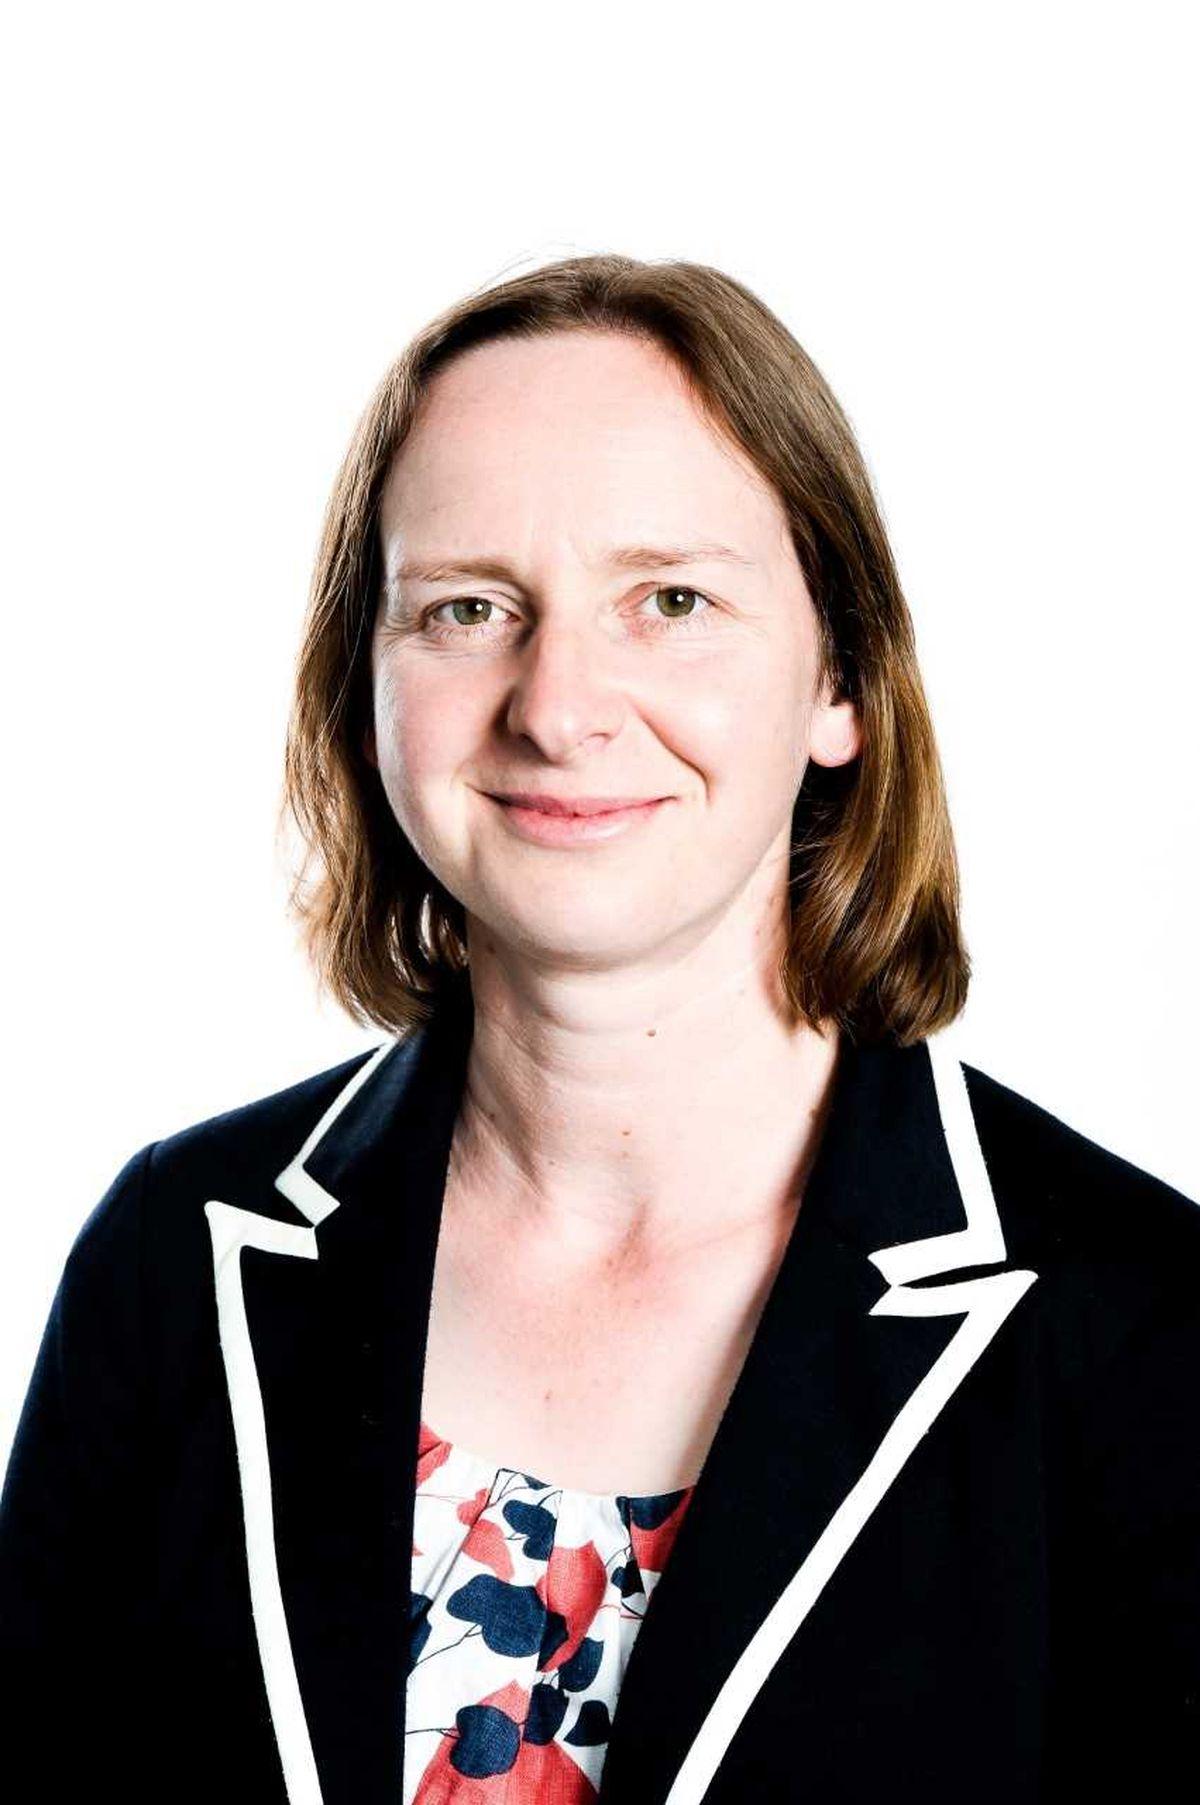 Sarah Reece, partner at the Shrewsbury office of Berrys.